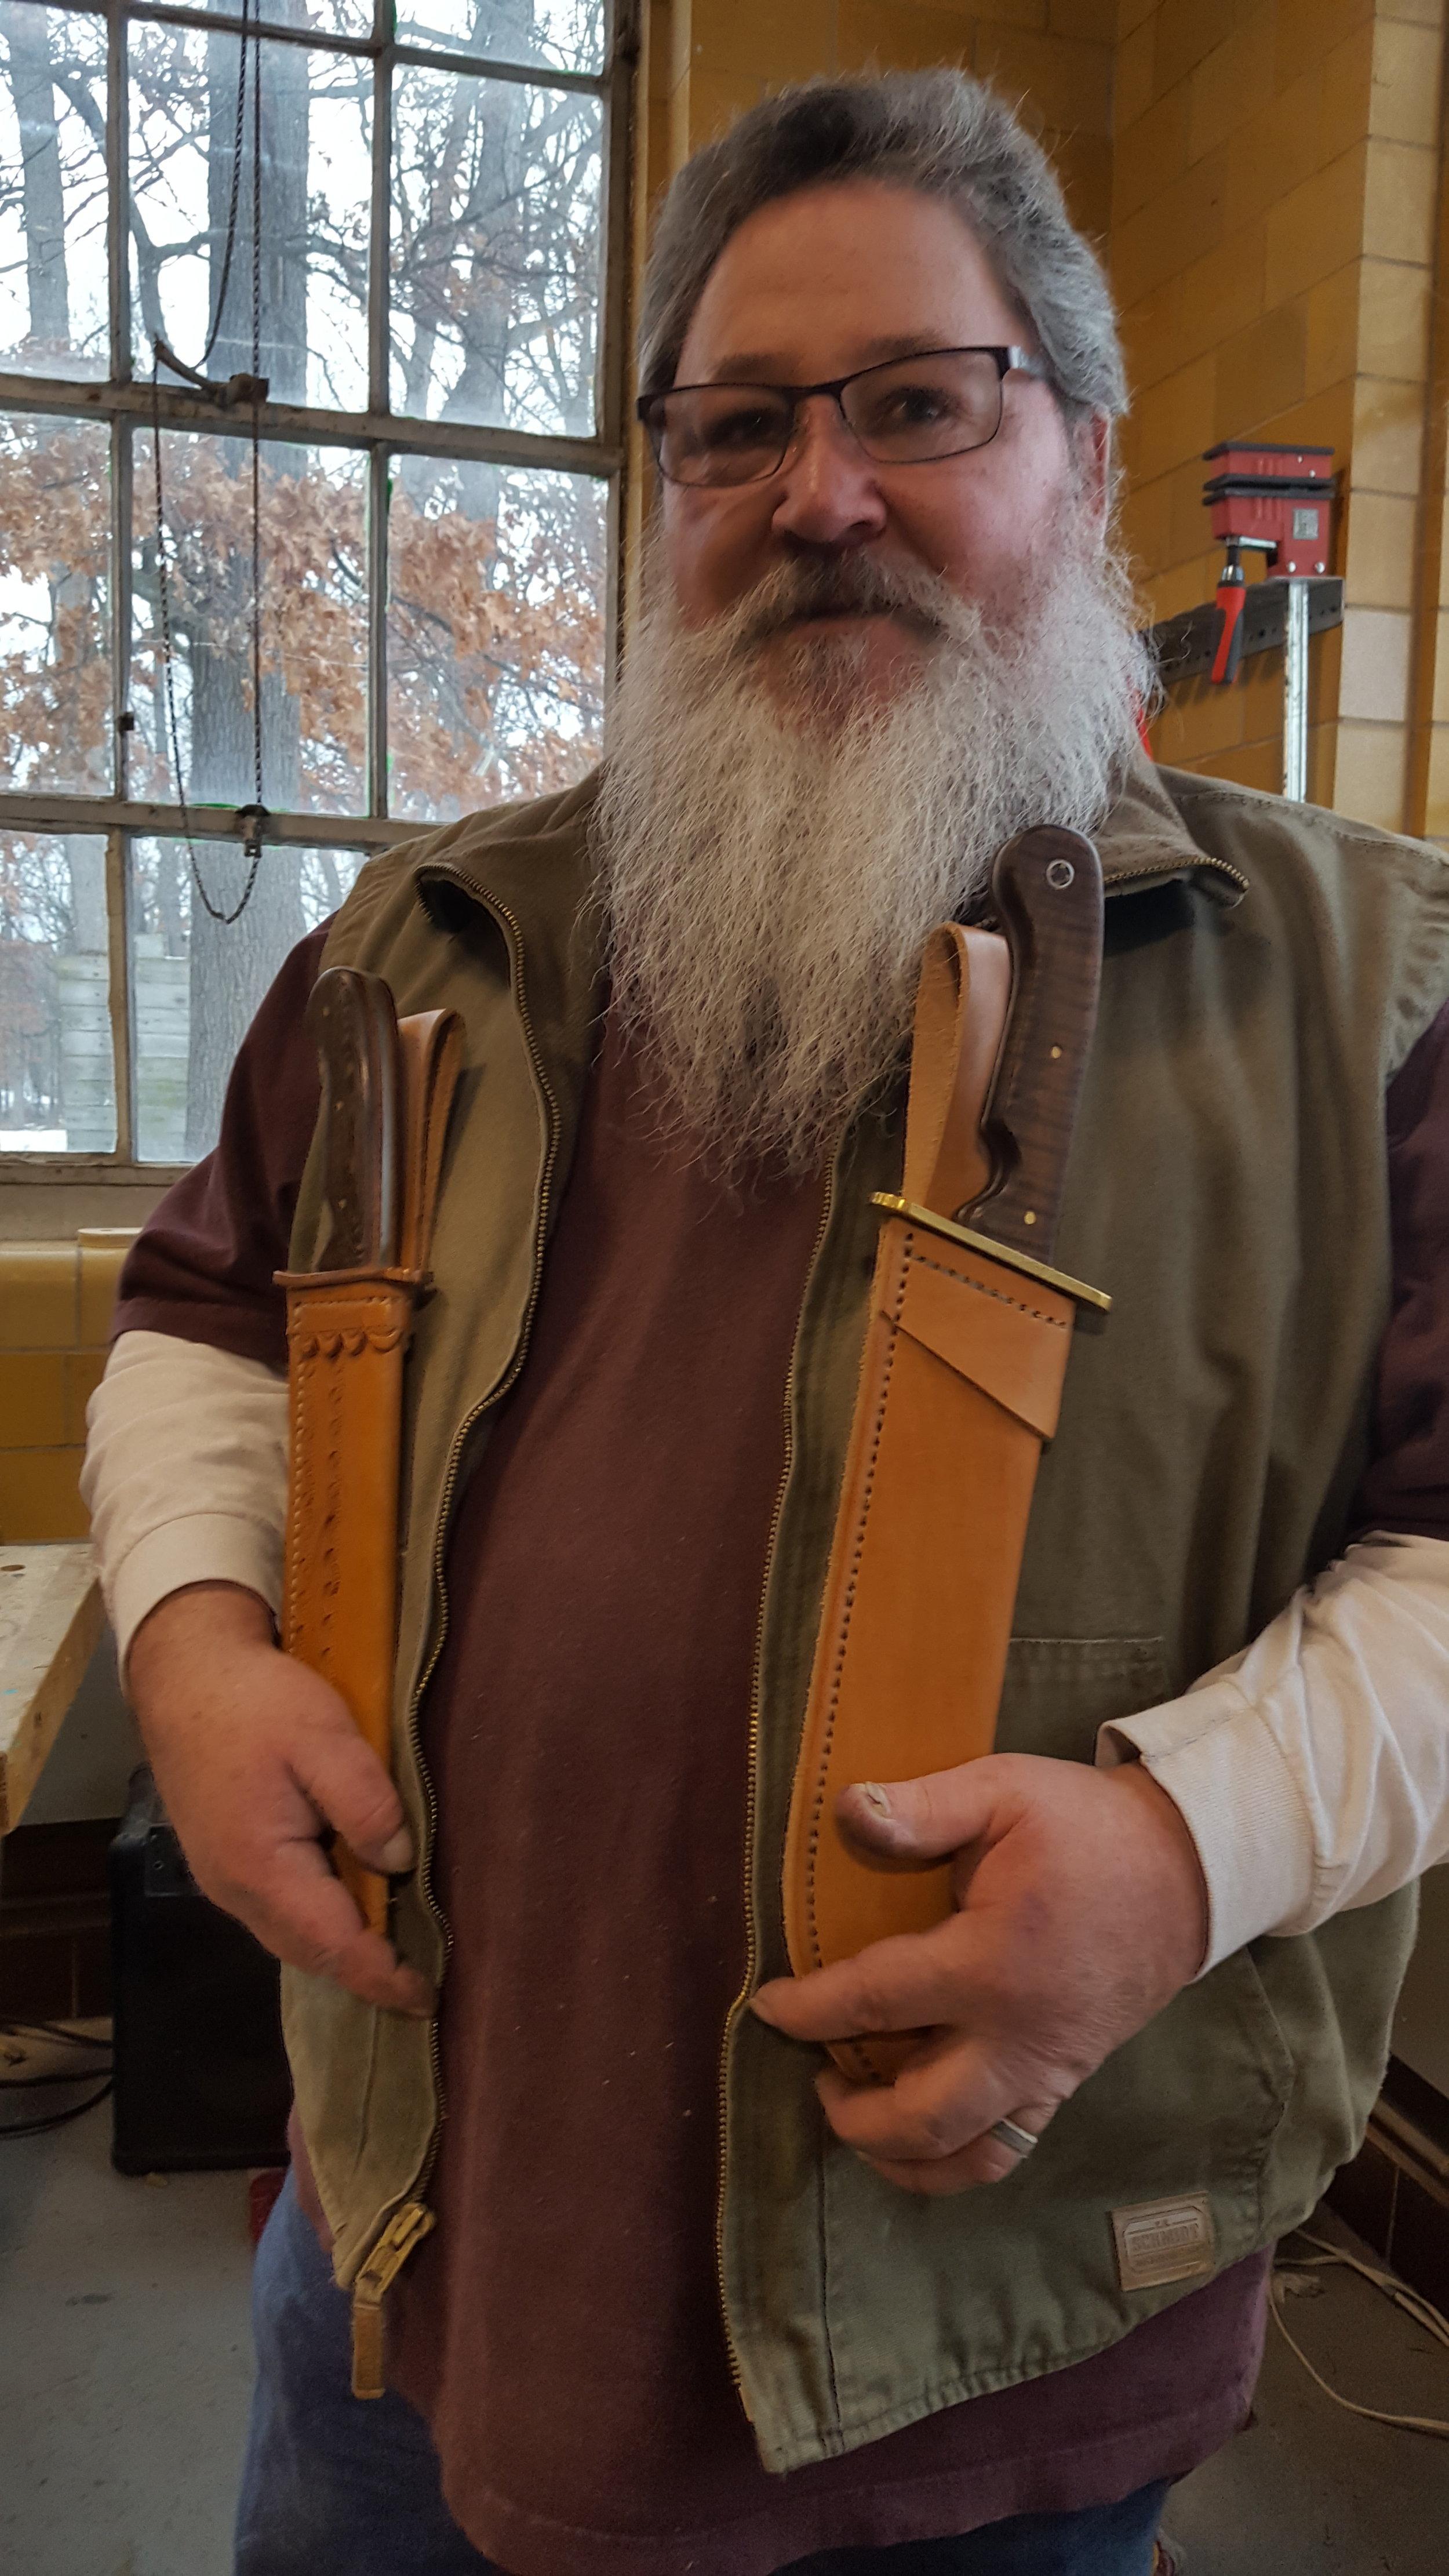 Patrick Estes: Knife Maker and Leatherworker